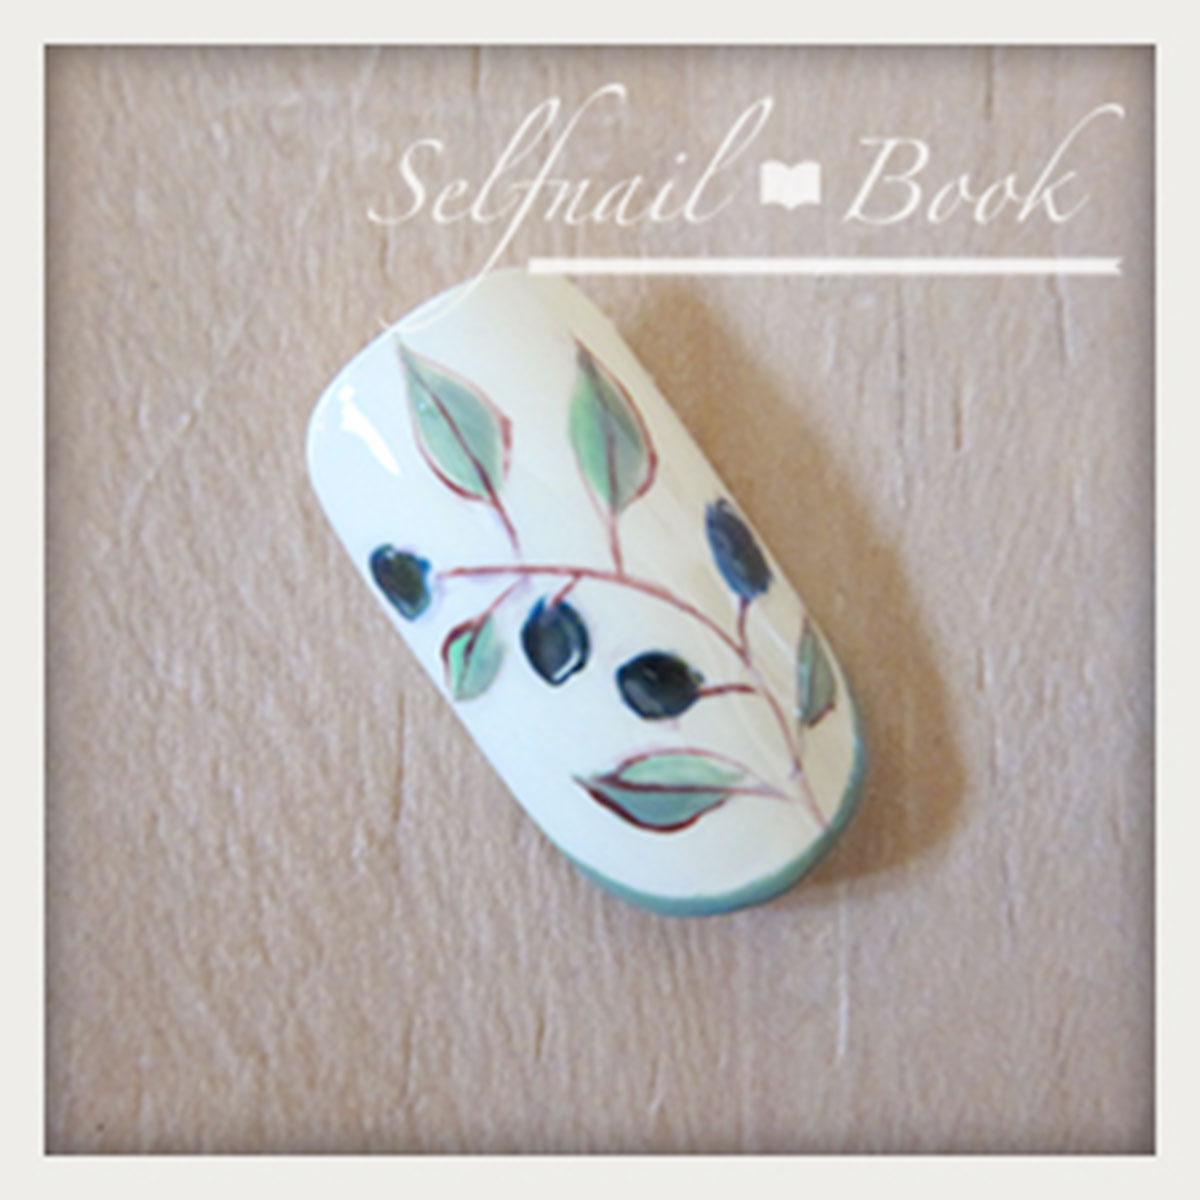 ジェルネイルで描く南フランス陶器風アートのやり方7